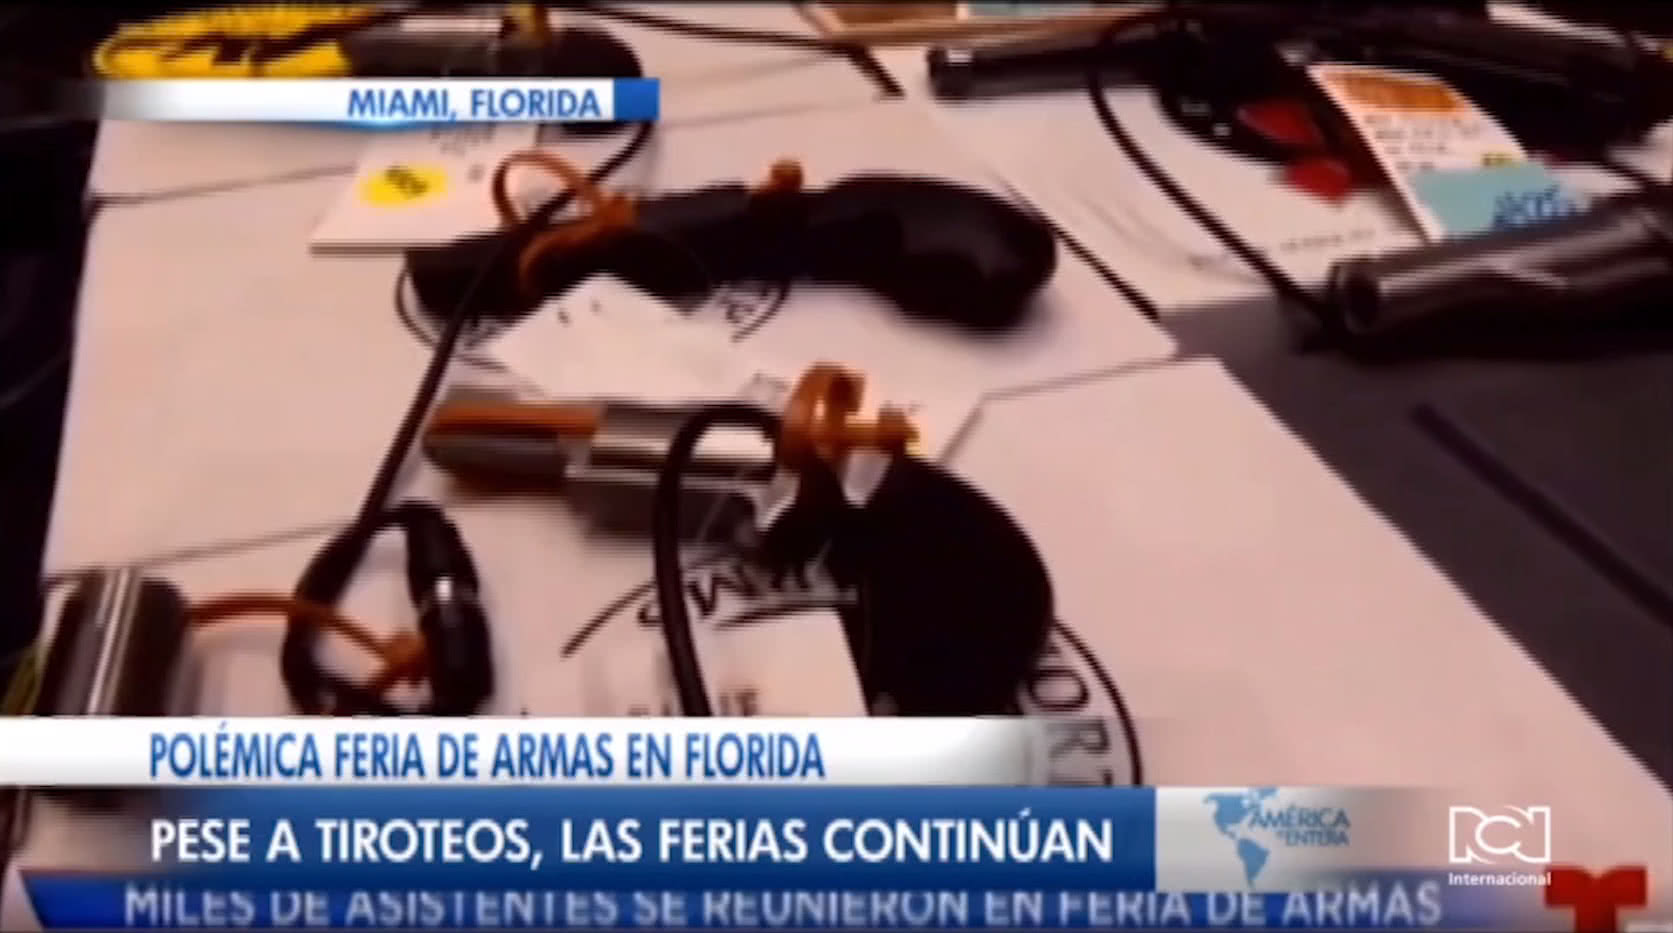 Aumenta el número de compradores primerizos de armas en Florida